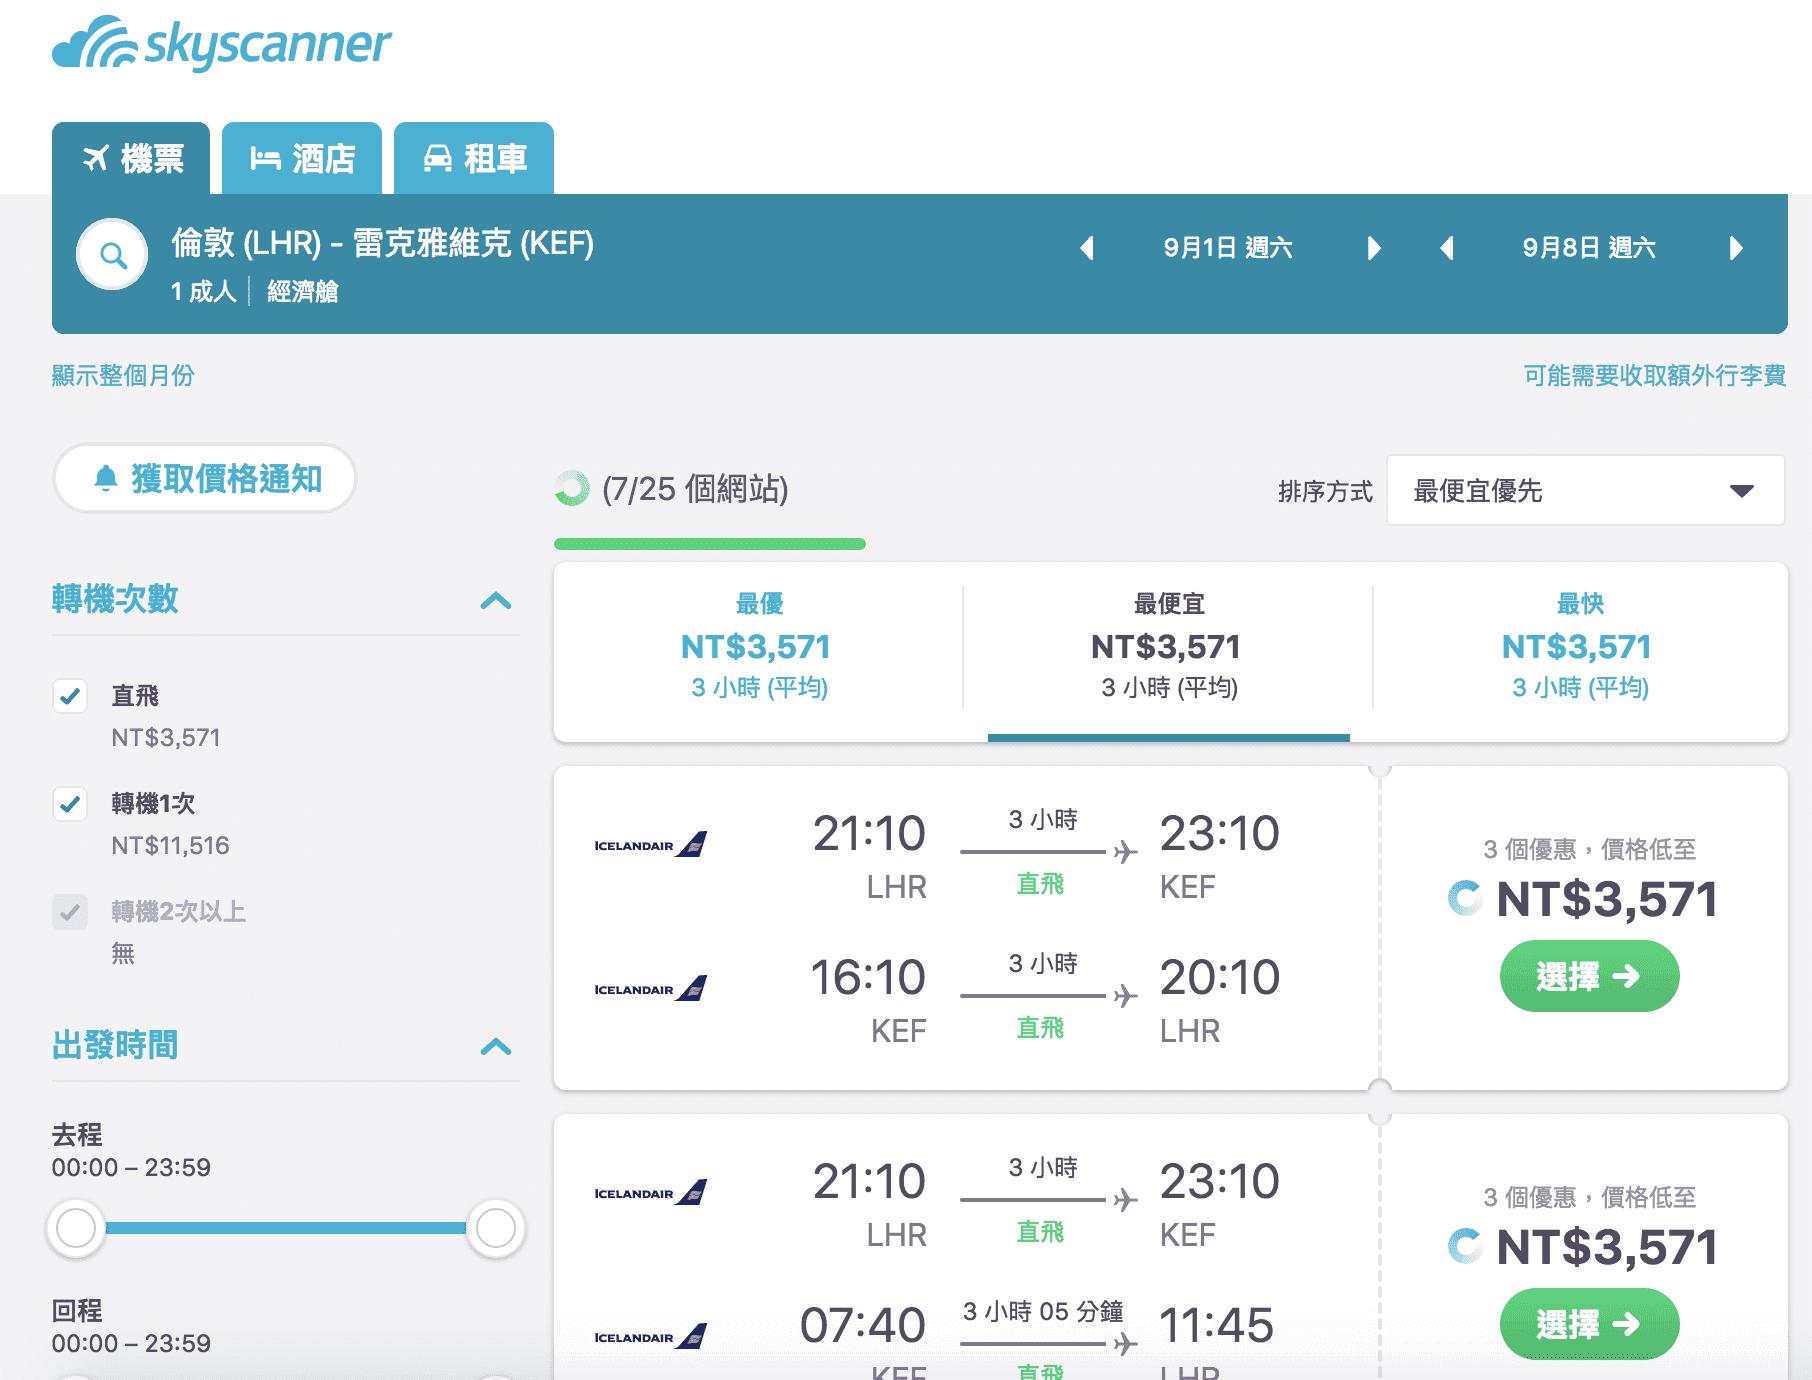 網站近期文章:冰島航空特價中,9月起~12月,倫敦飛冰島完全特價,最低3.5K~(查票107.4.21)